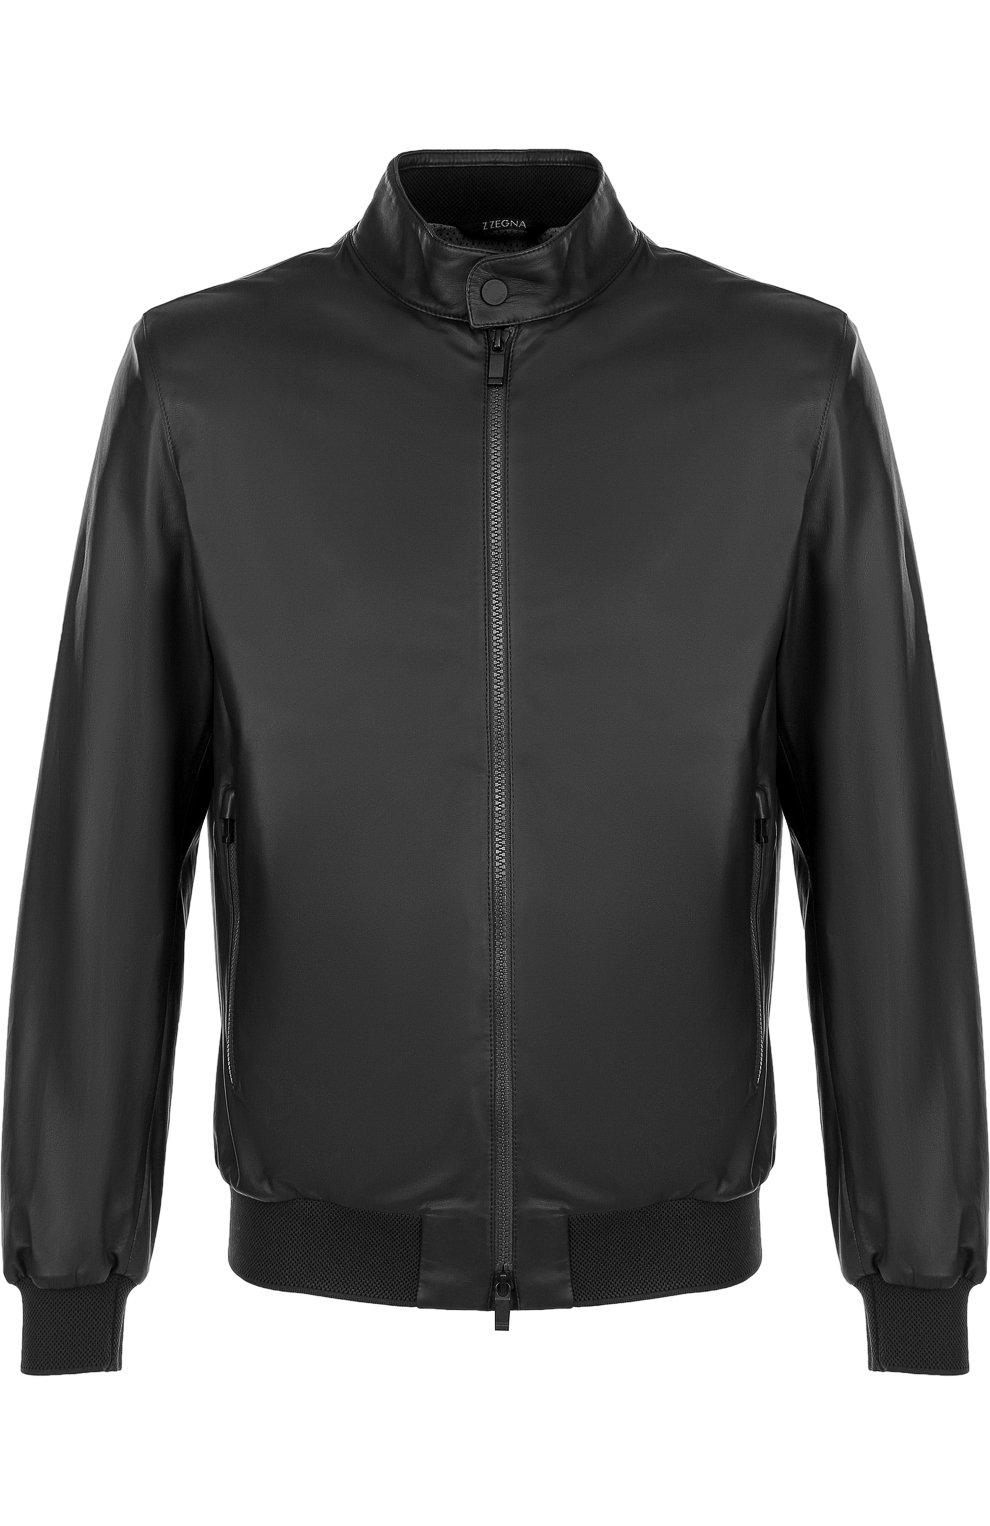 b83feddc31d3c Мужские куртки Z Zegna по цене от 24 600 руб. купить в интернет-магазине ЦУМ